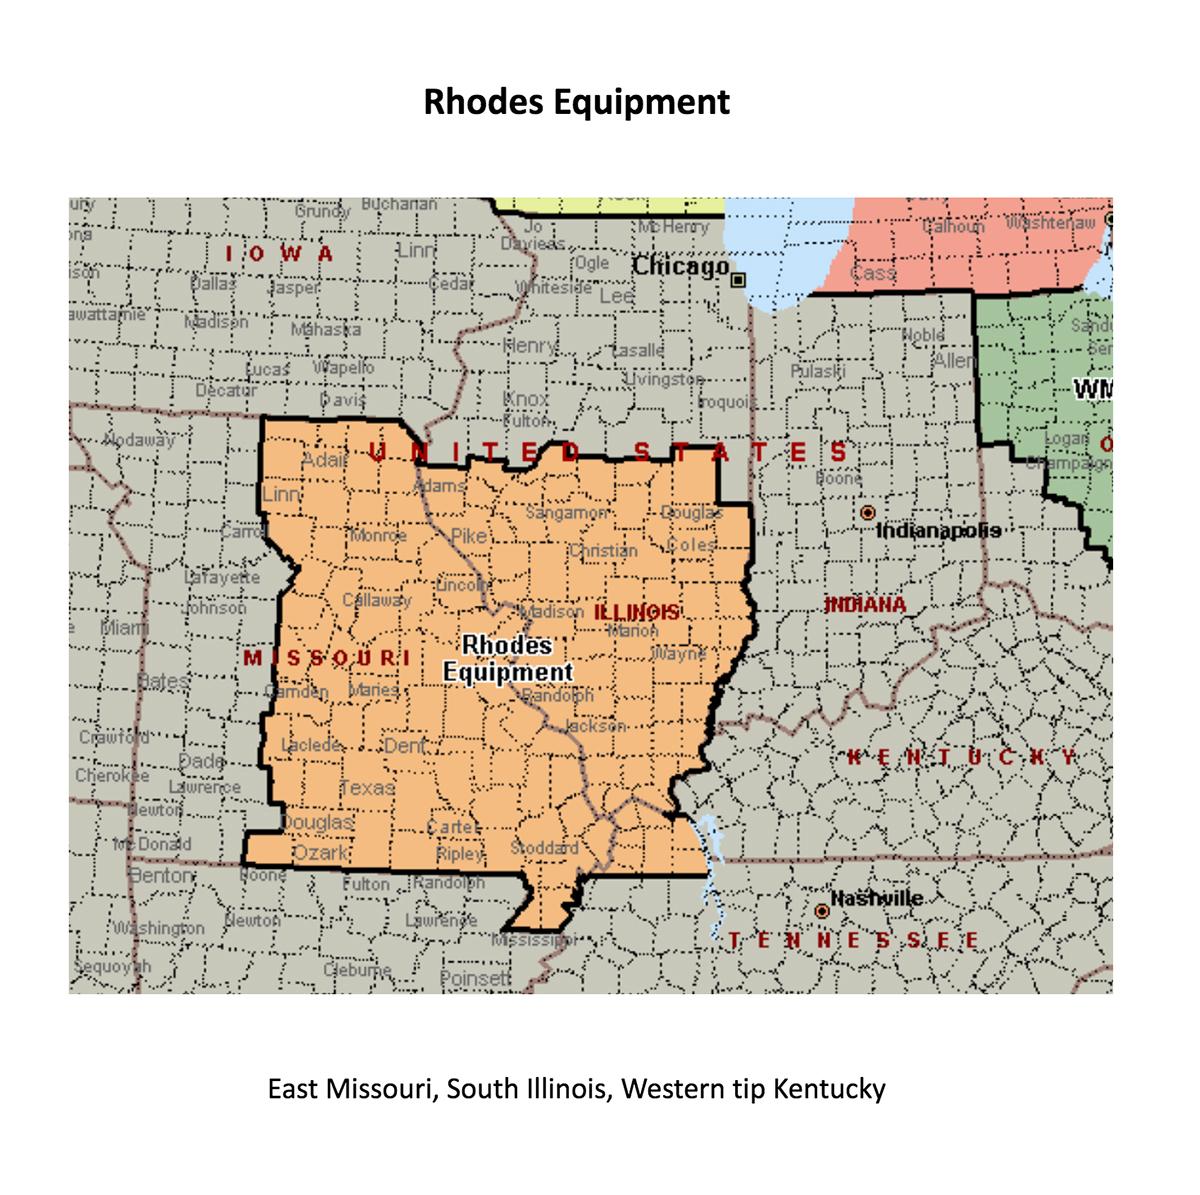 Rhodes Equipment